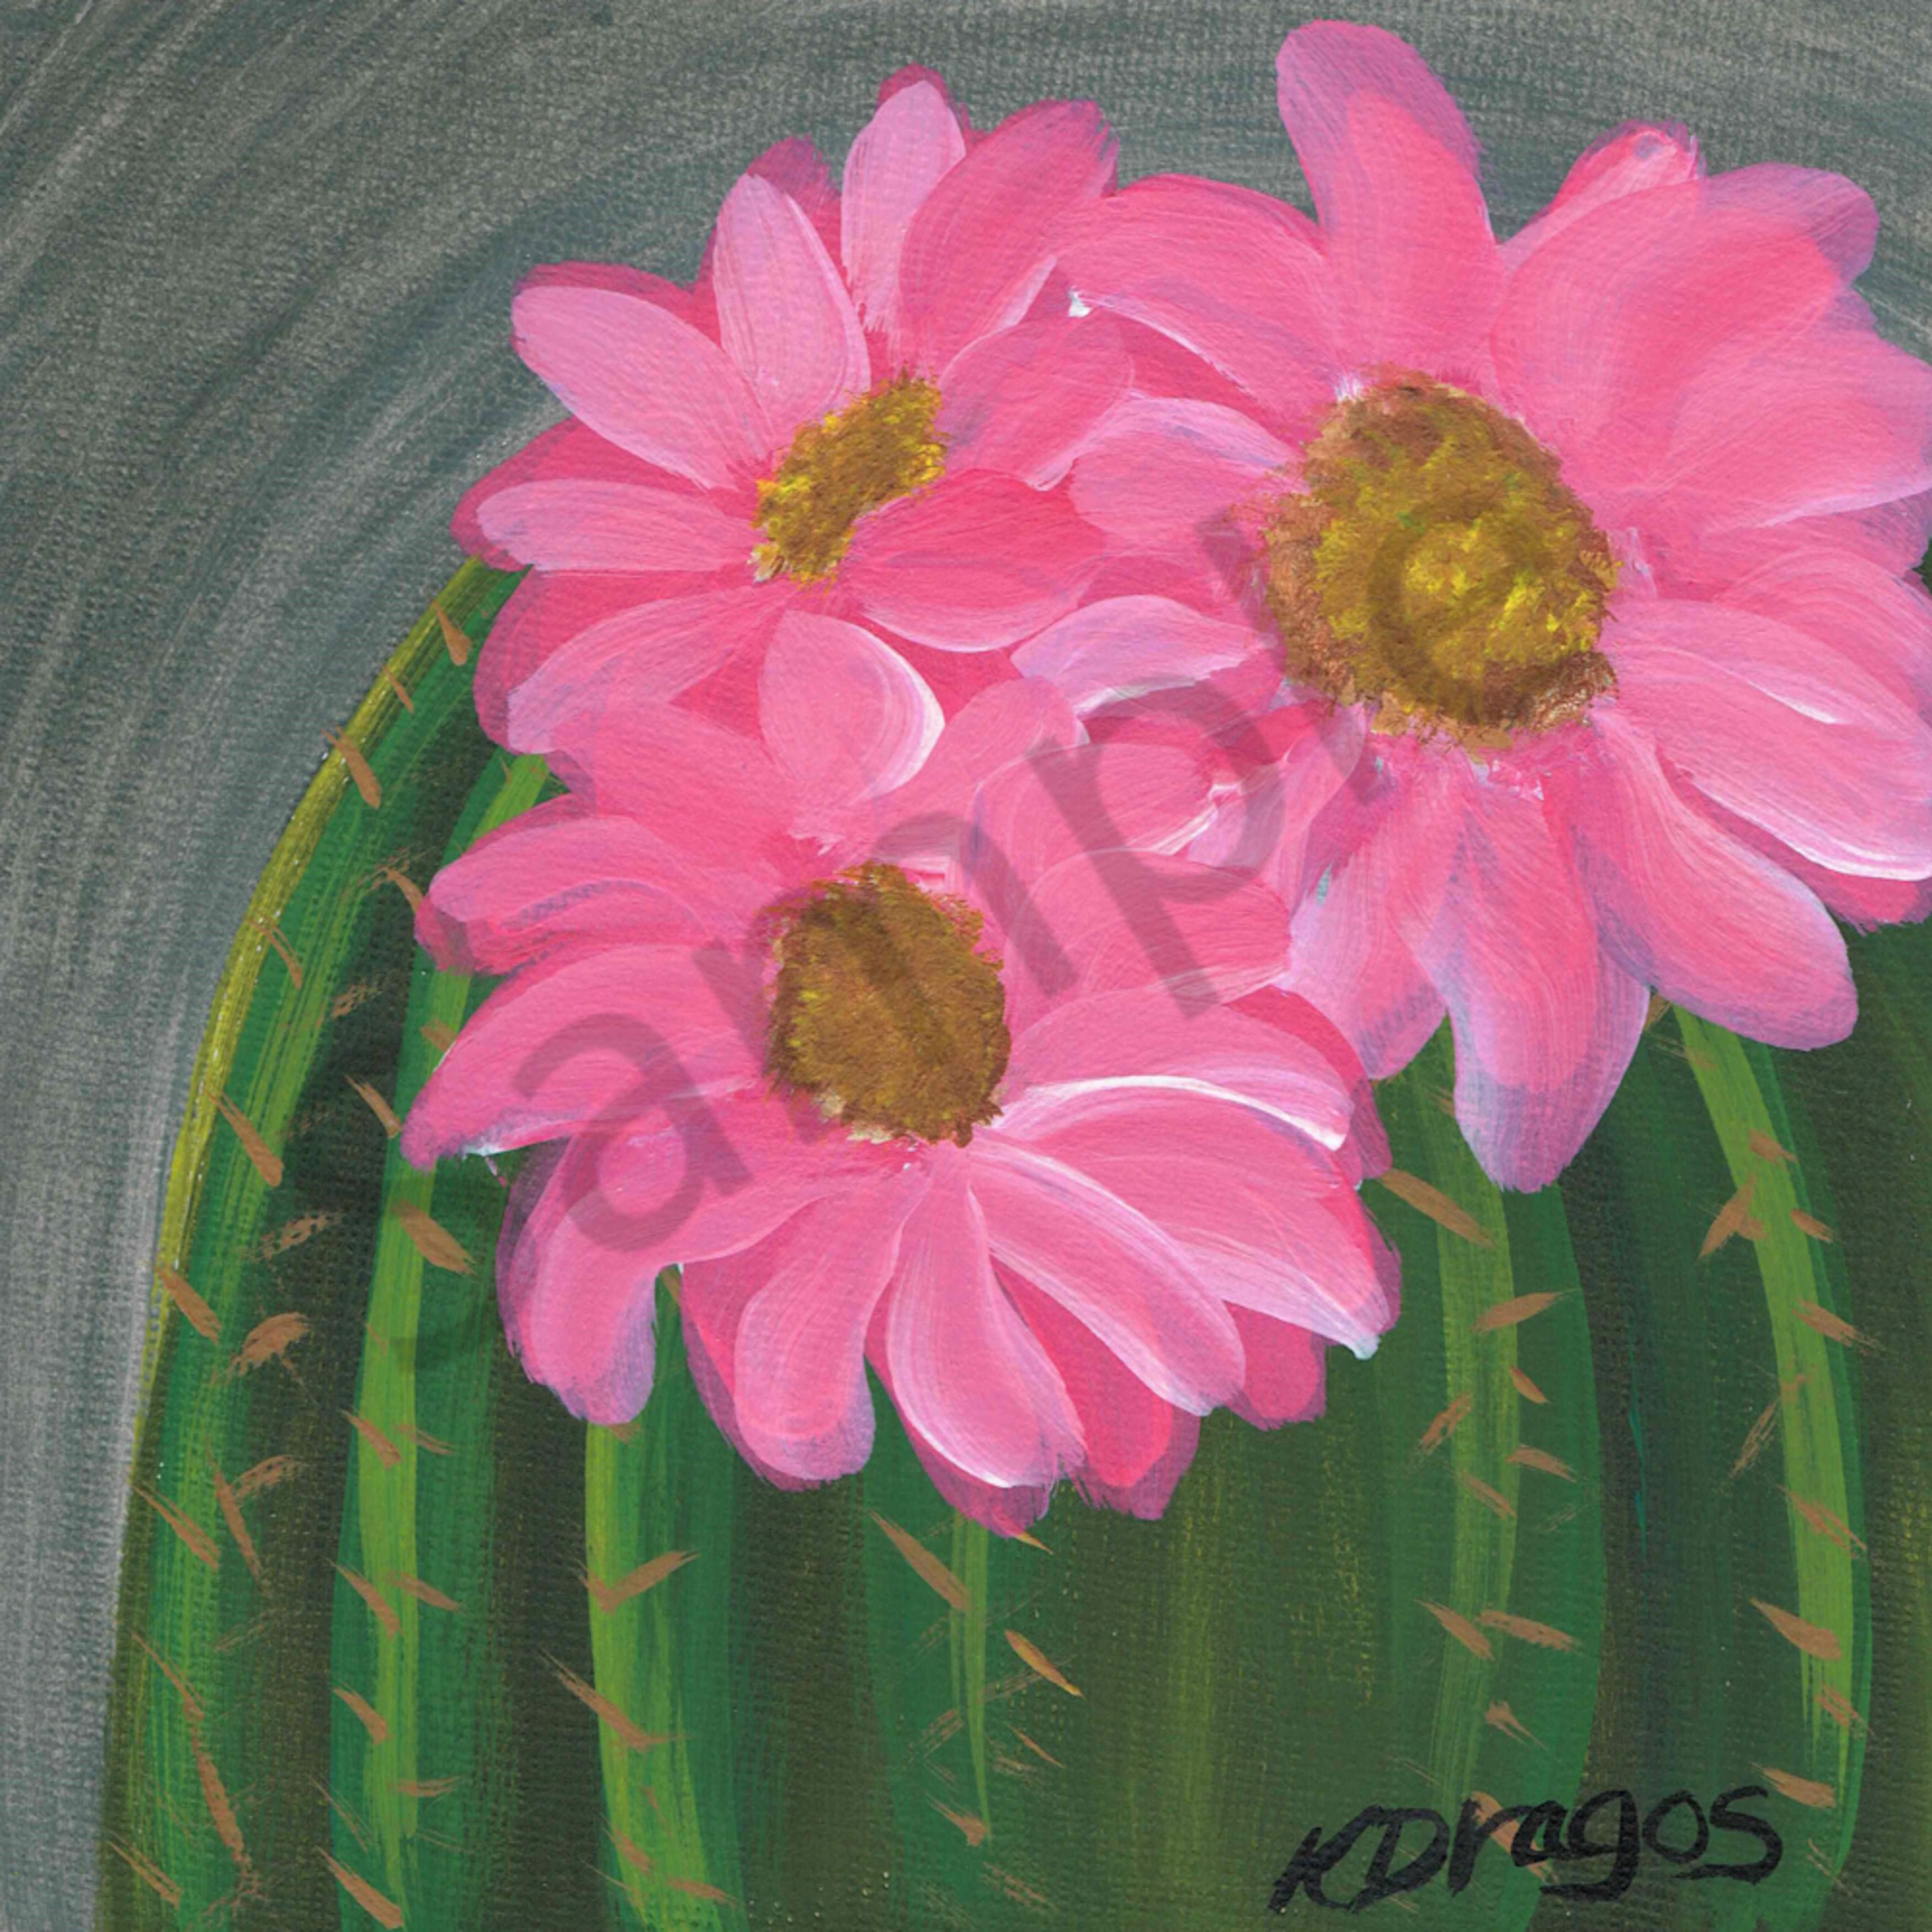 Floweringcactus qodthr